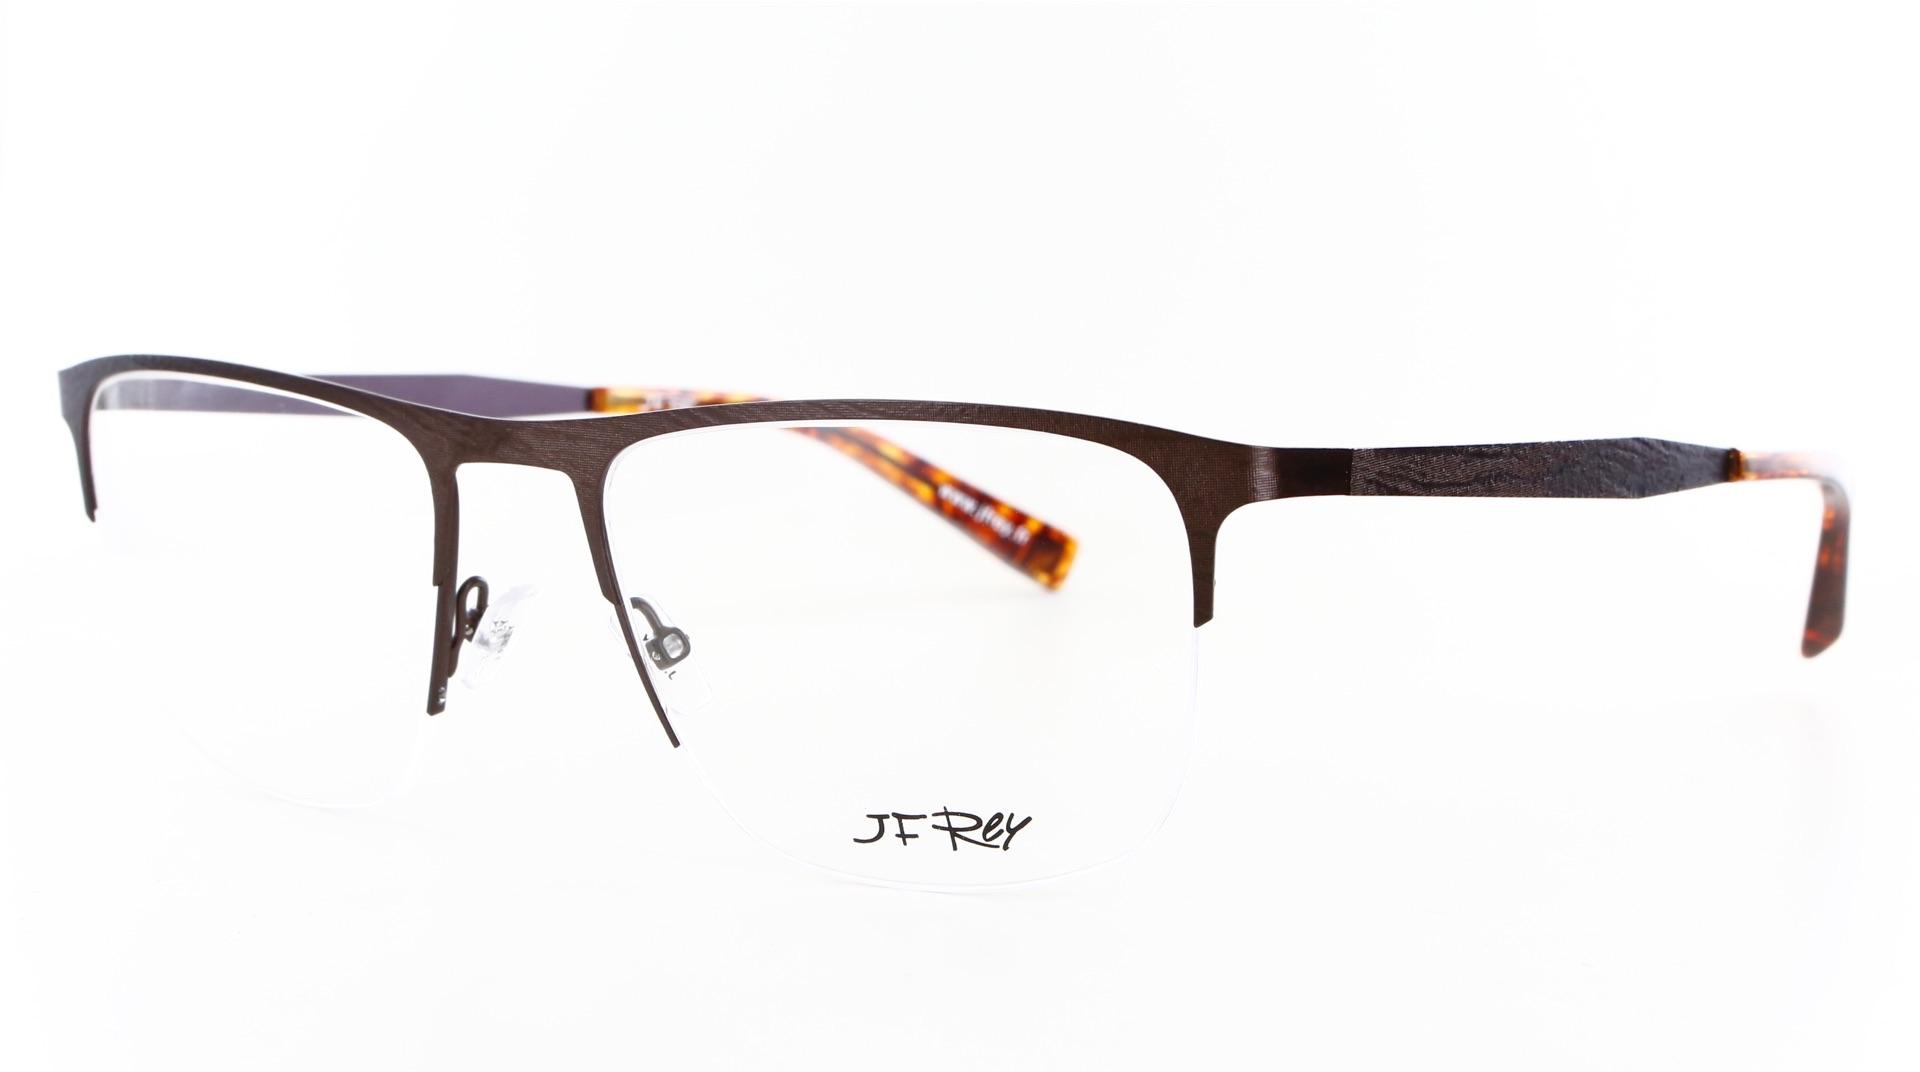 J.F. Rey - ref: 77693